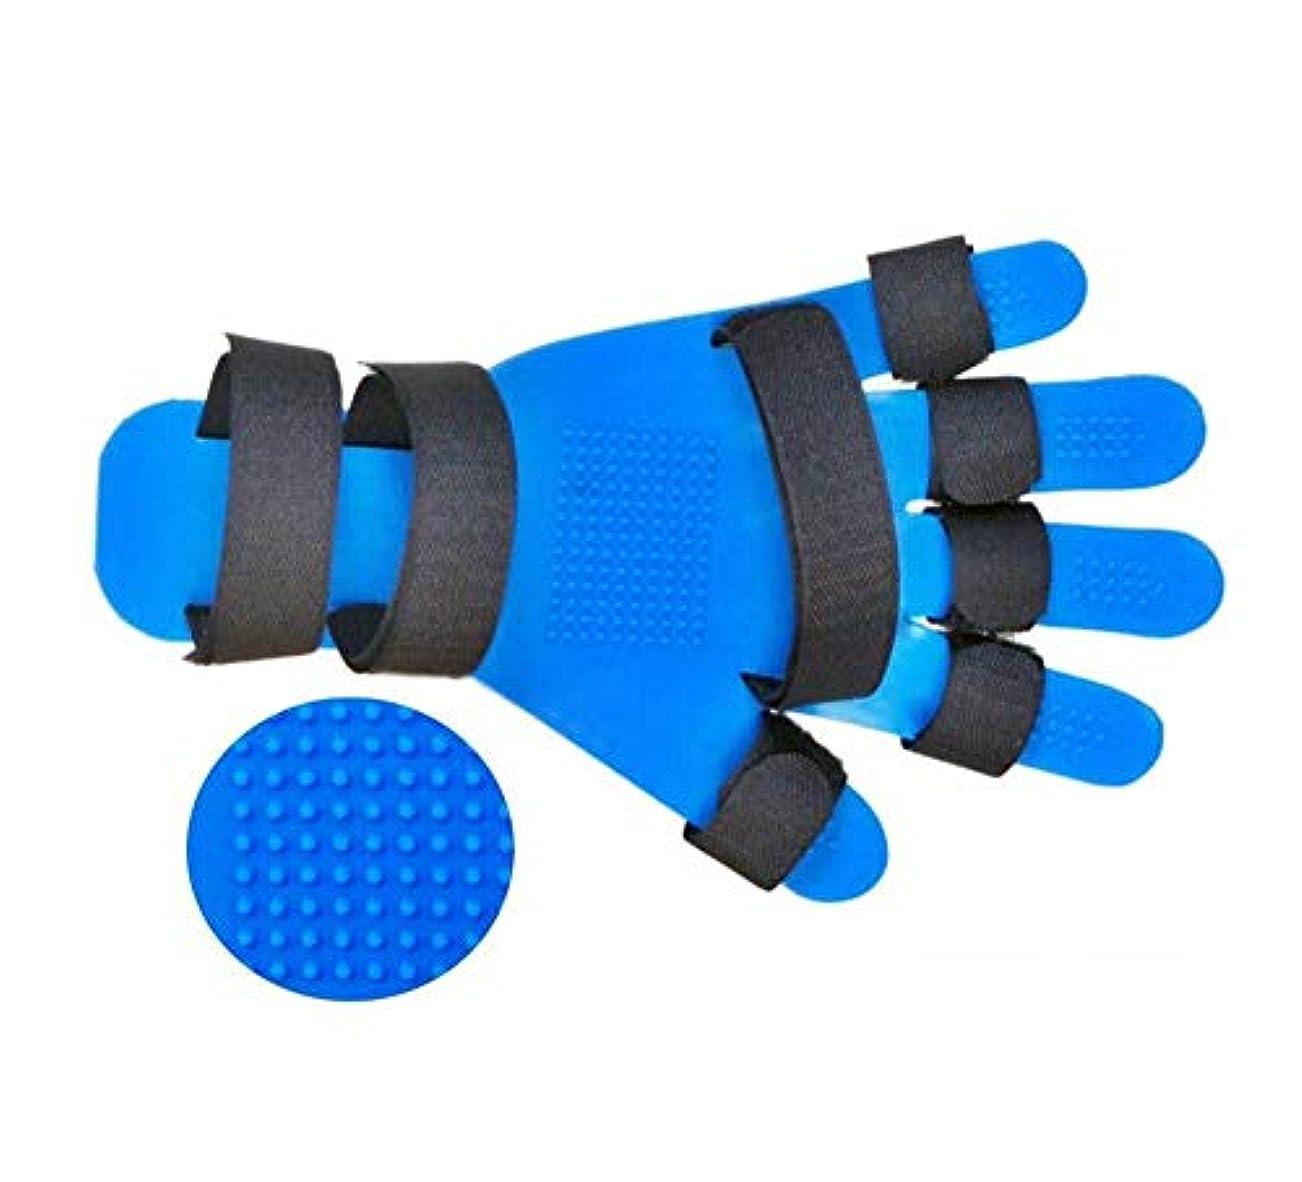 ハグ悩み羊飼い指手首矯正器調節可能な指矯正プレート指分離プレート指を片側固定にする固定板指リハビリテーション機器